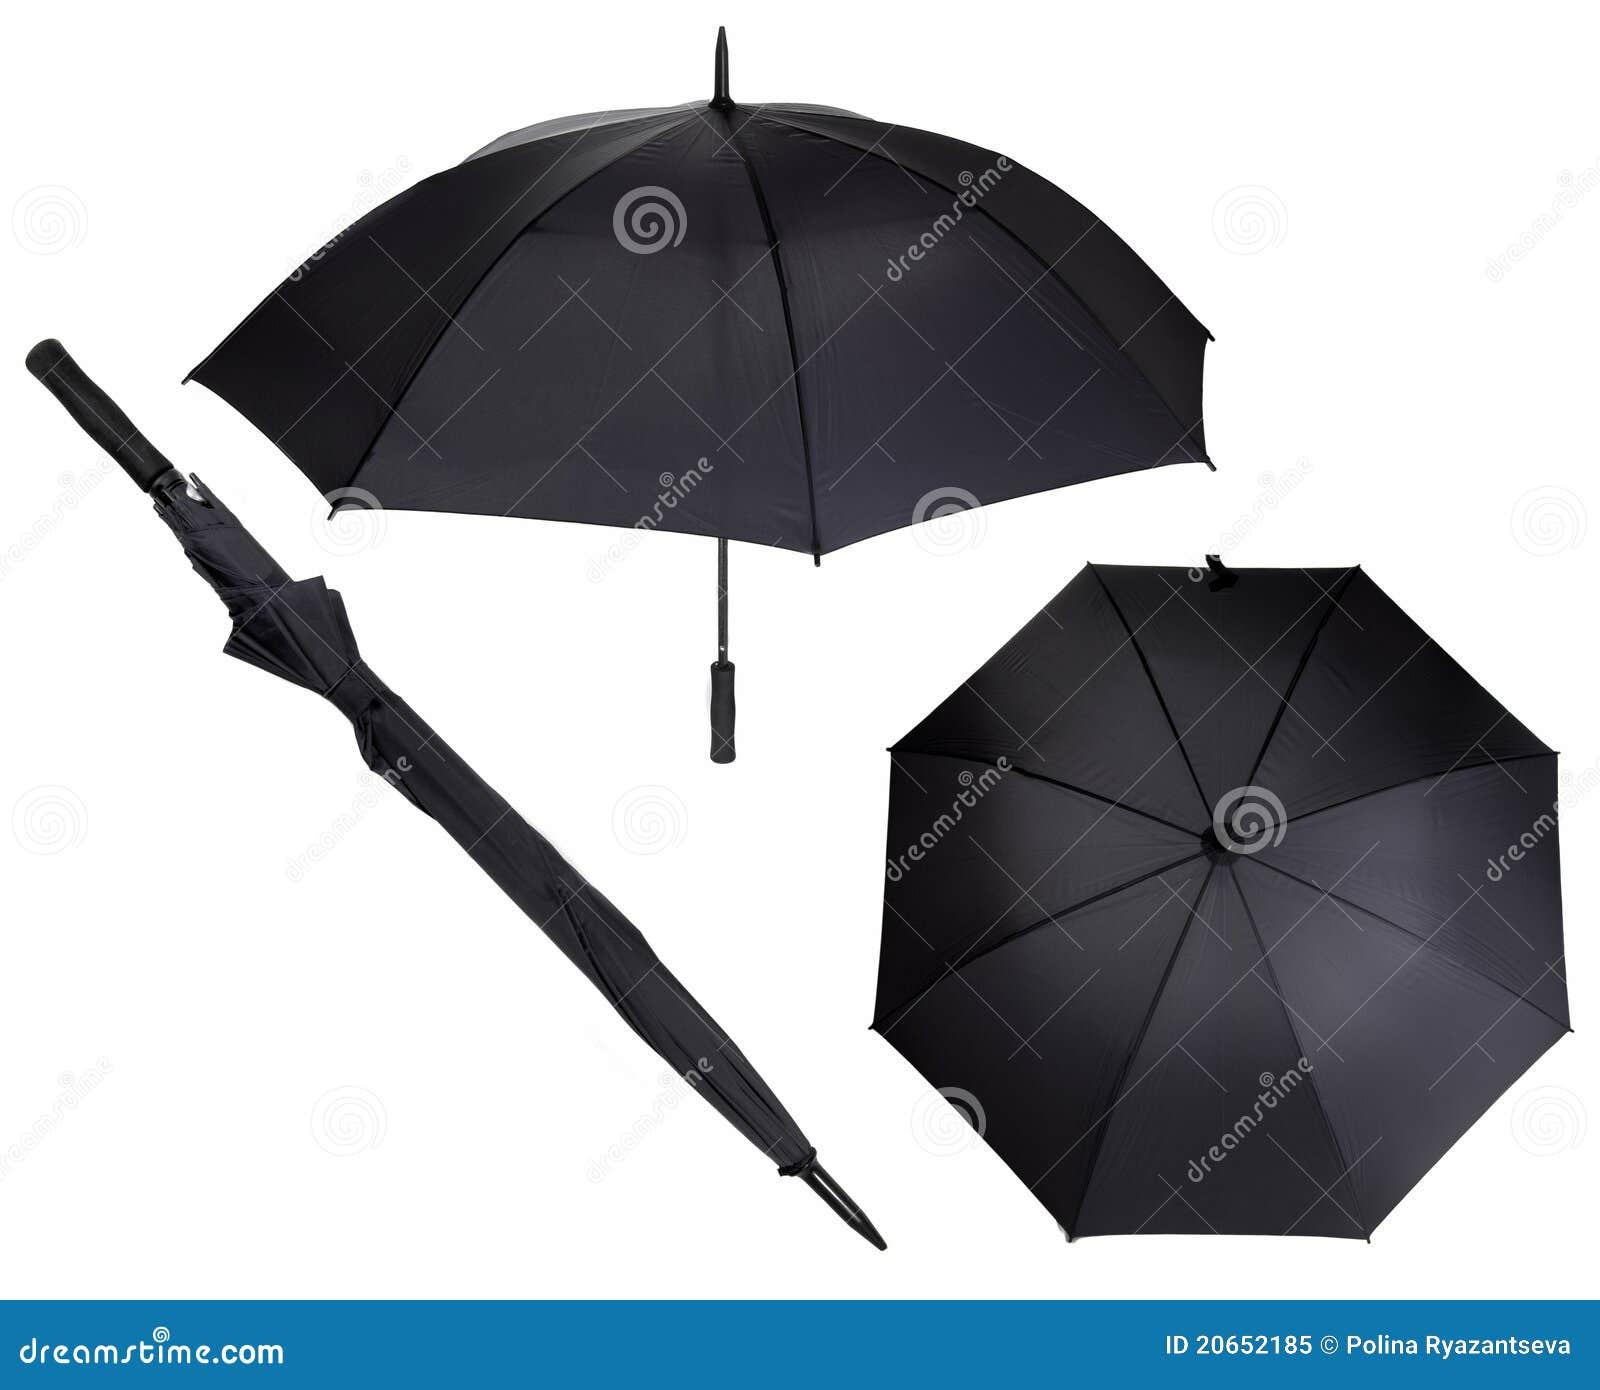 encontrar mano de obra mejor lugar para disfruta del precio inferior Paraguas negro grande imagen de archivo. Imagen de blindaje ...